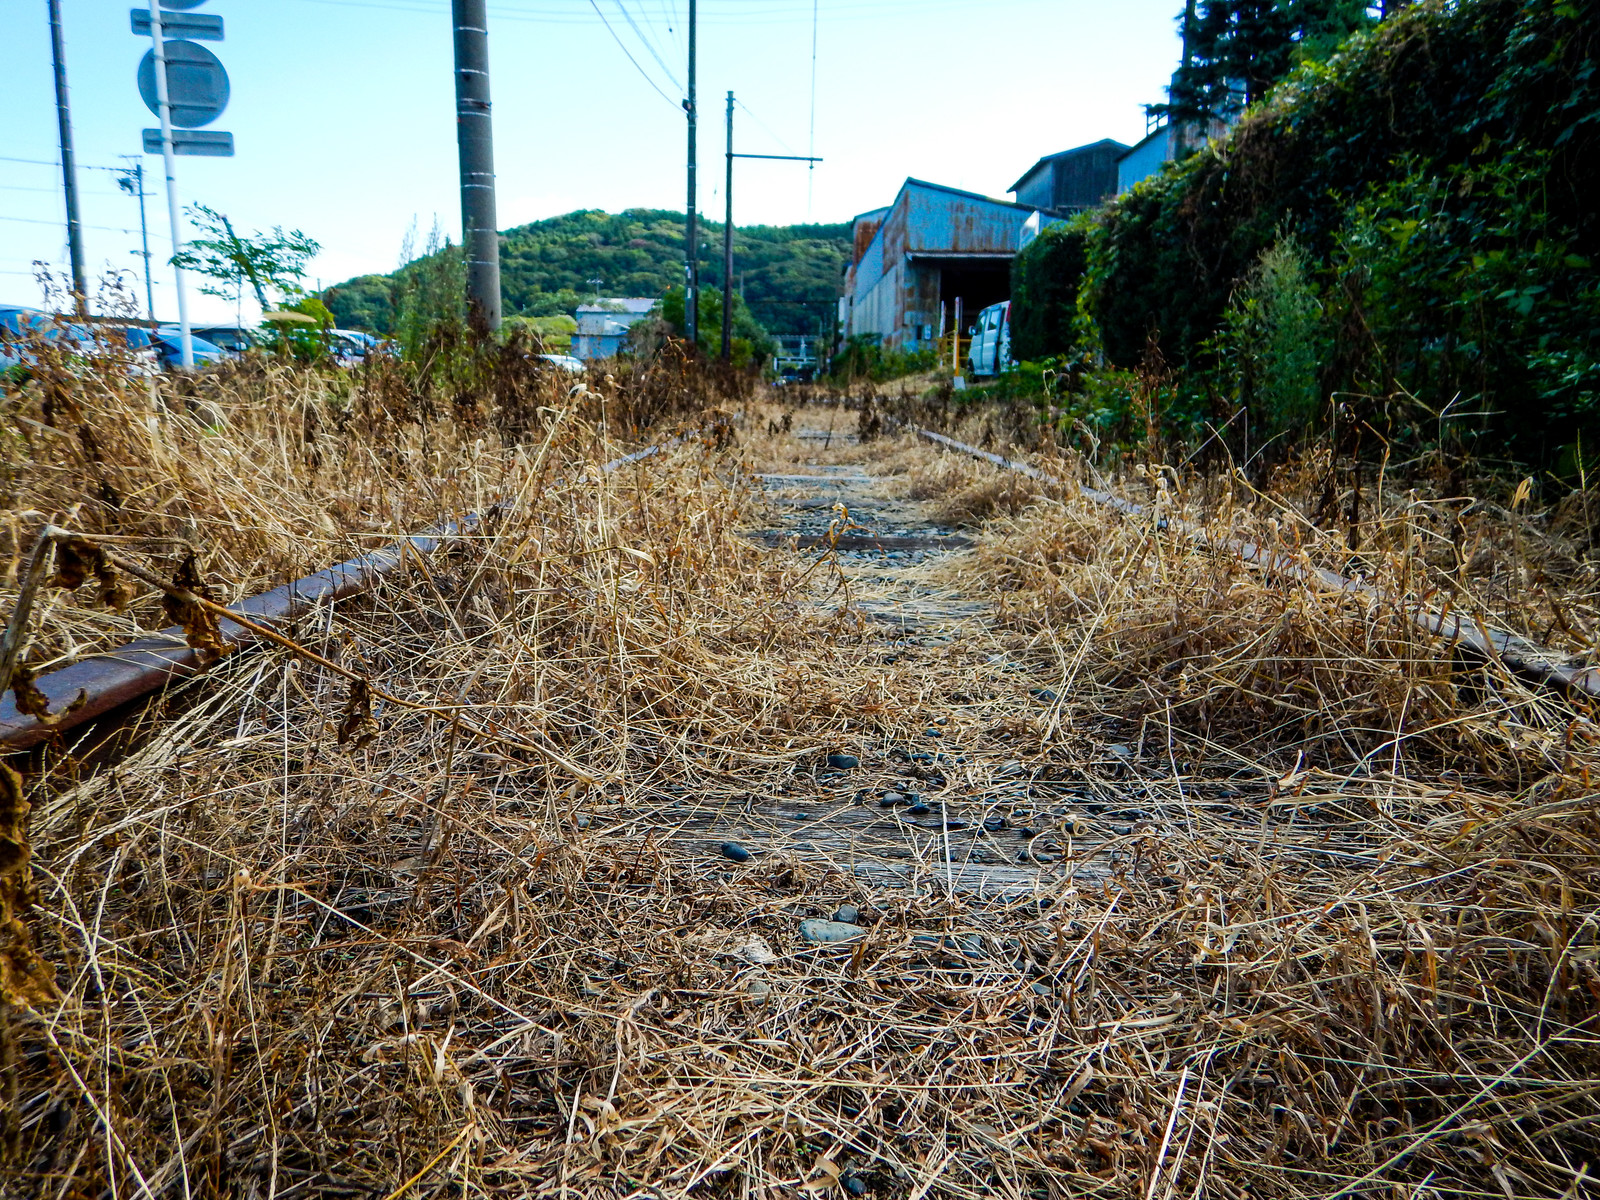 「枯草で覆われた廃線」の写真